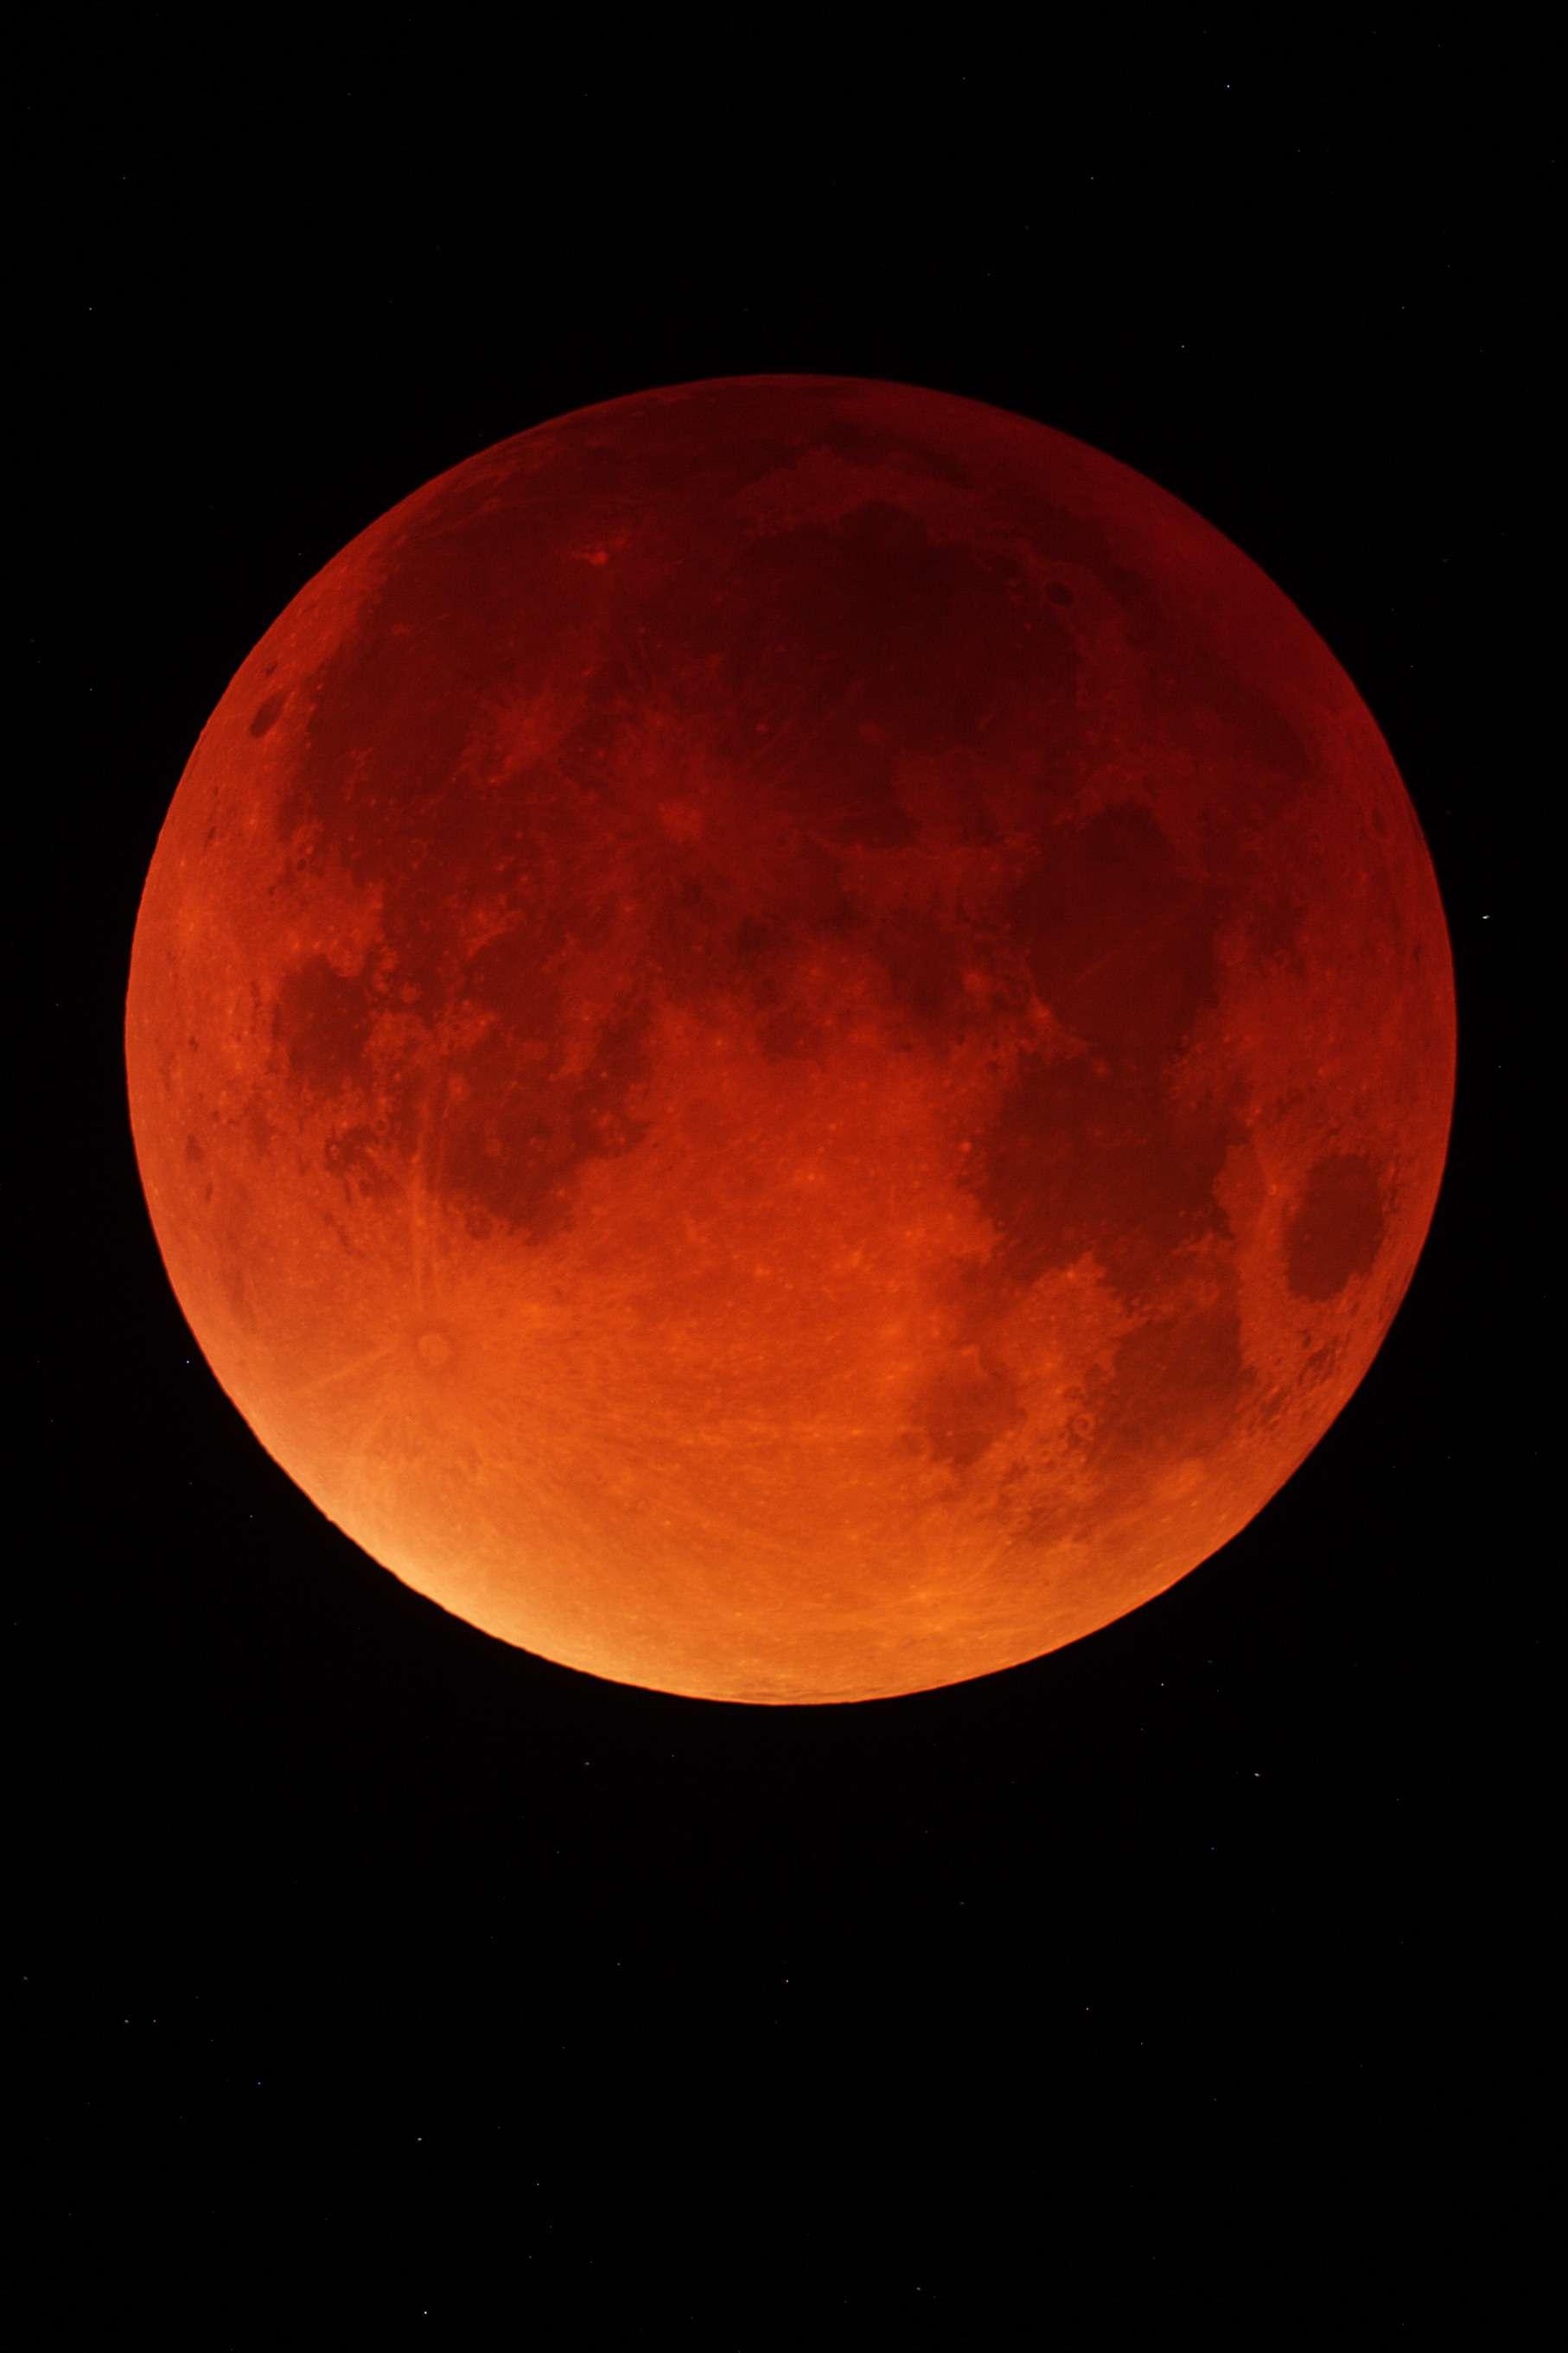 Eclipse de Lune du 28 septembre 2015 Img_0210